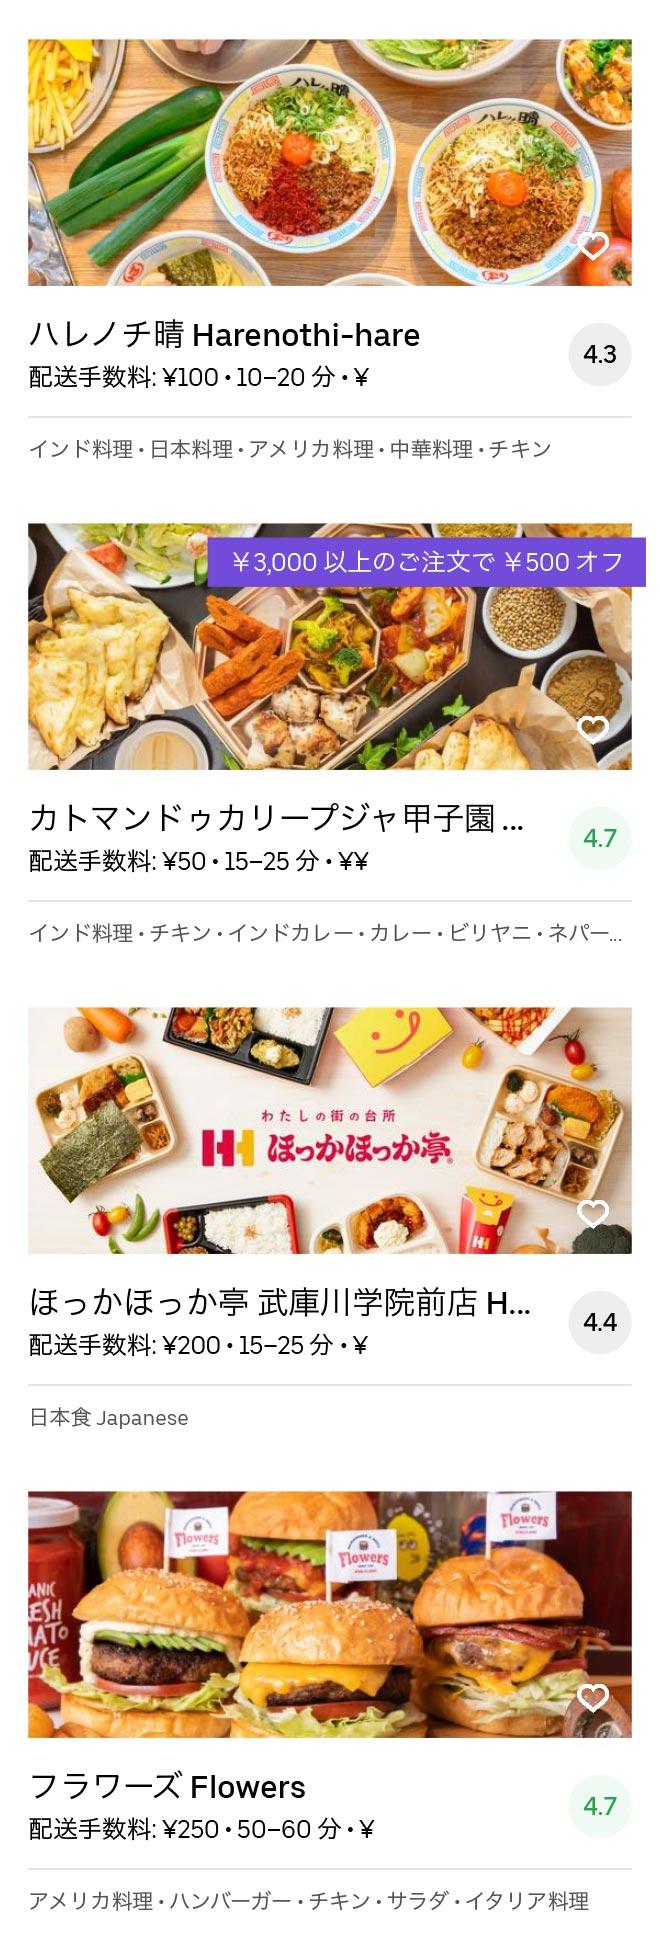 Nishinomiya koshien menu 2005 03